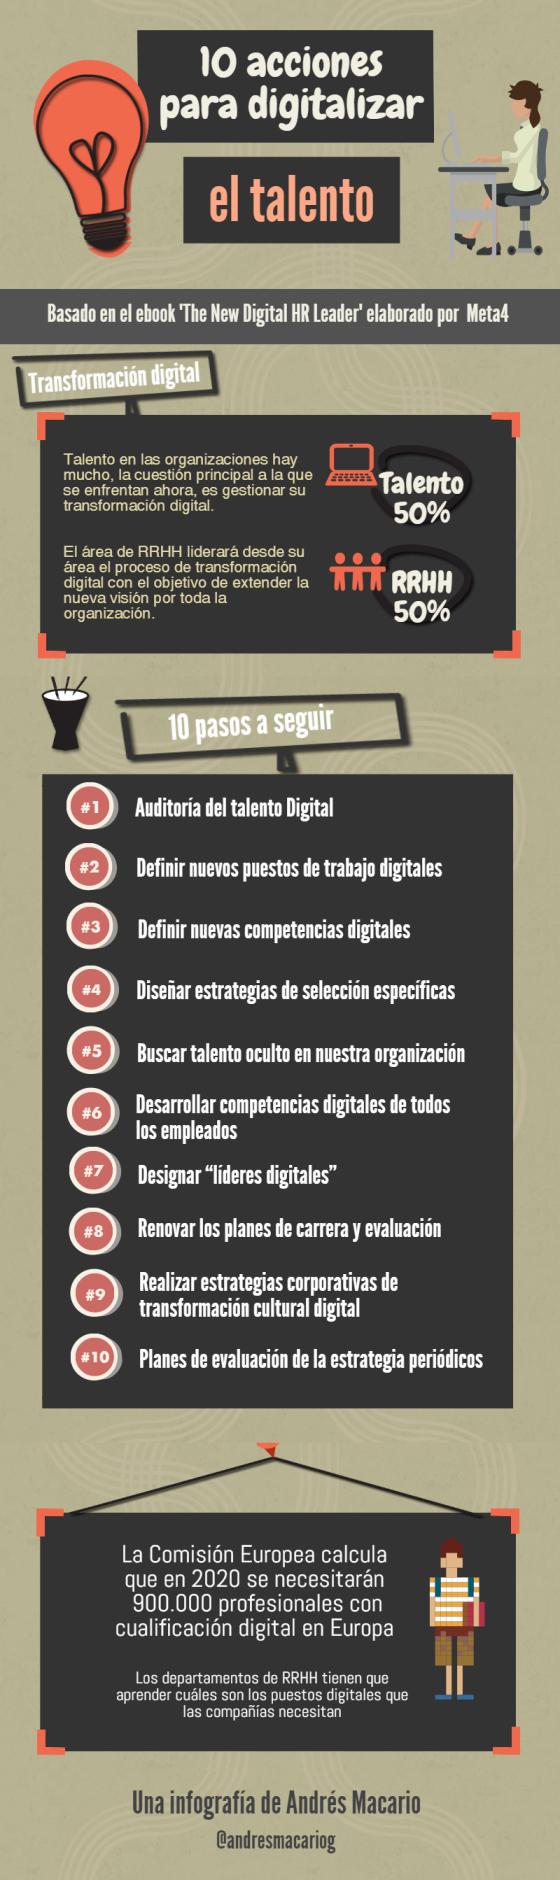 10 acciones para digital el talento